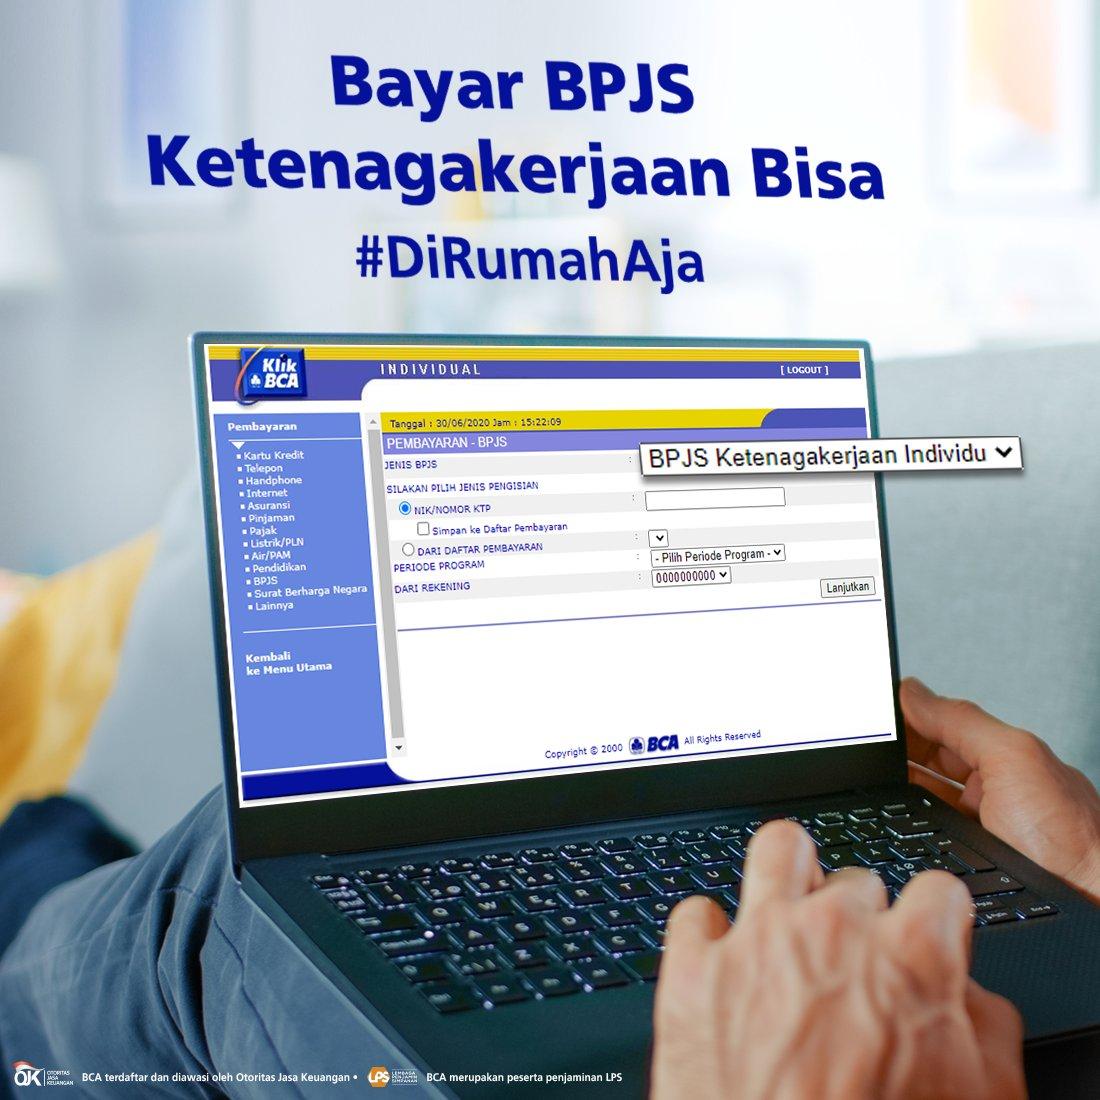 Anda yang termasuk dalam segmen Bukan Penerima Upah (BPU) tentunya harus membayar BPJS Ketenagakerjaan sendiri. Sekarang, makin mudah bayar iuran BPJS Ketenagakerjaan #DiRumahAja melalui KlikBCA. Cara pembayaran lebih detailnya bisa dicek melalui: https://t.co/ELgmxgOuQy https://t.co/A77ypw8ghx